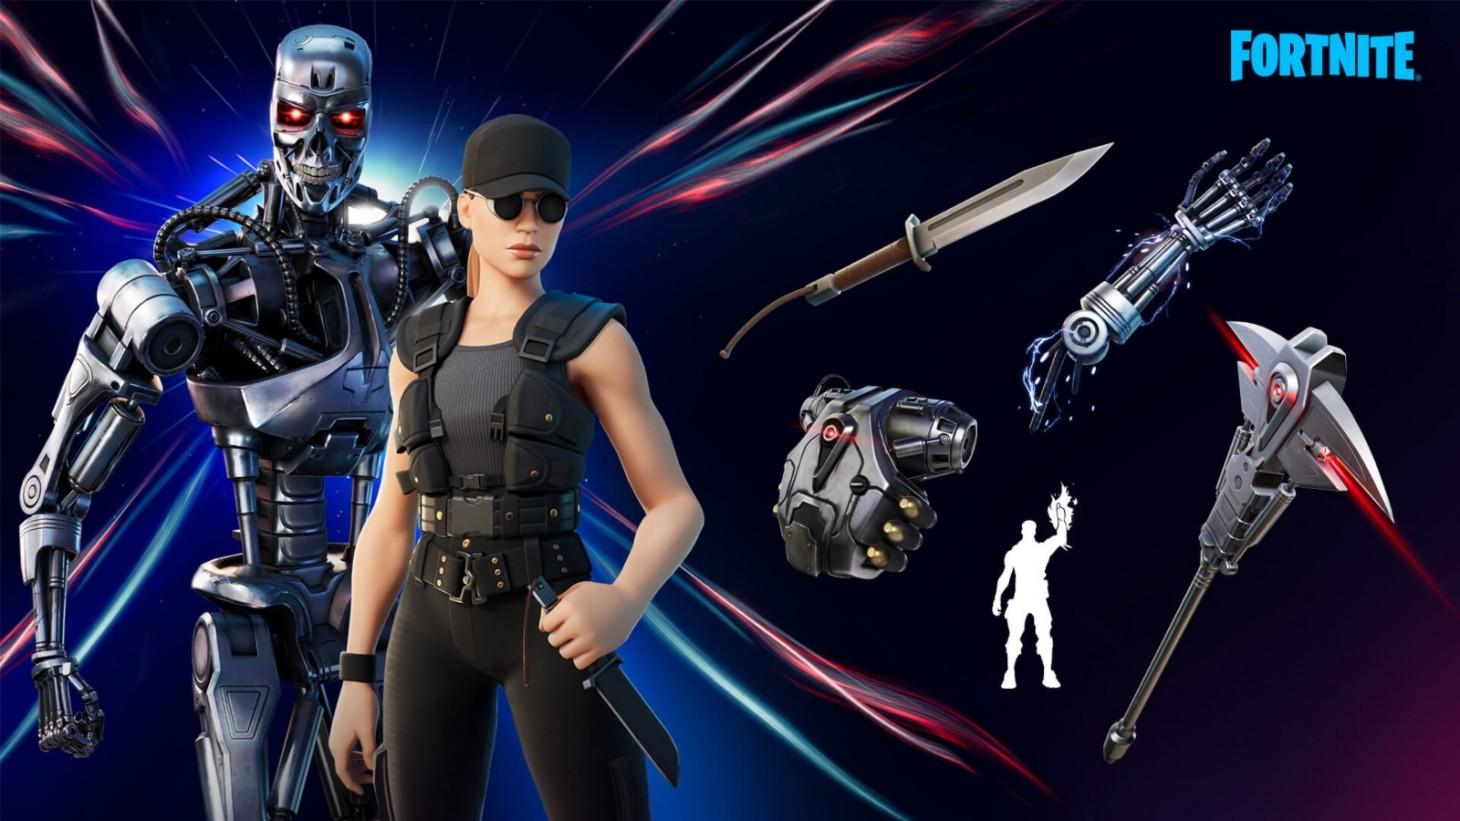 Fortnite Upgraded Default Skinds Terminator Skins Come To Fortnite Update Game Informer